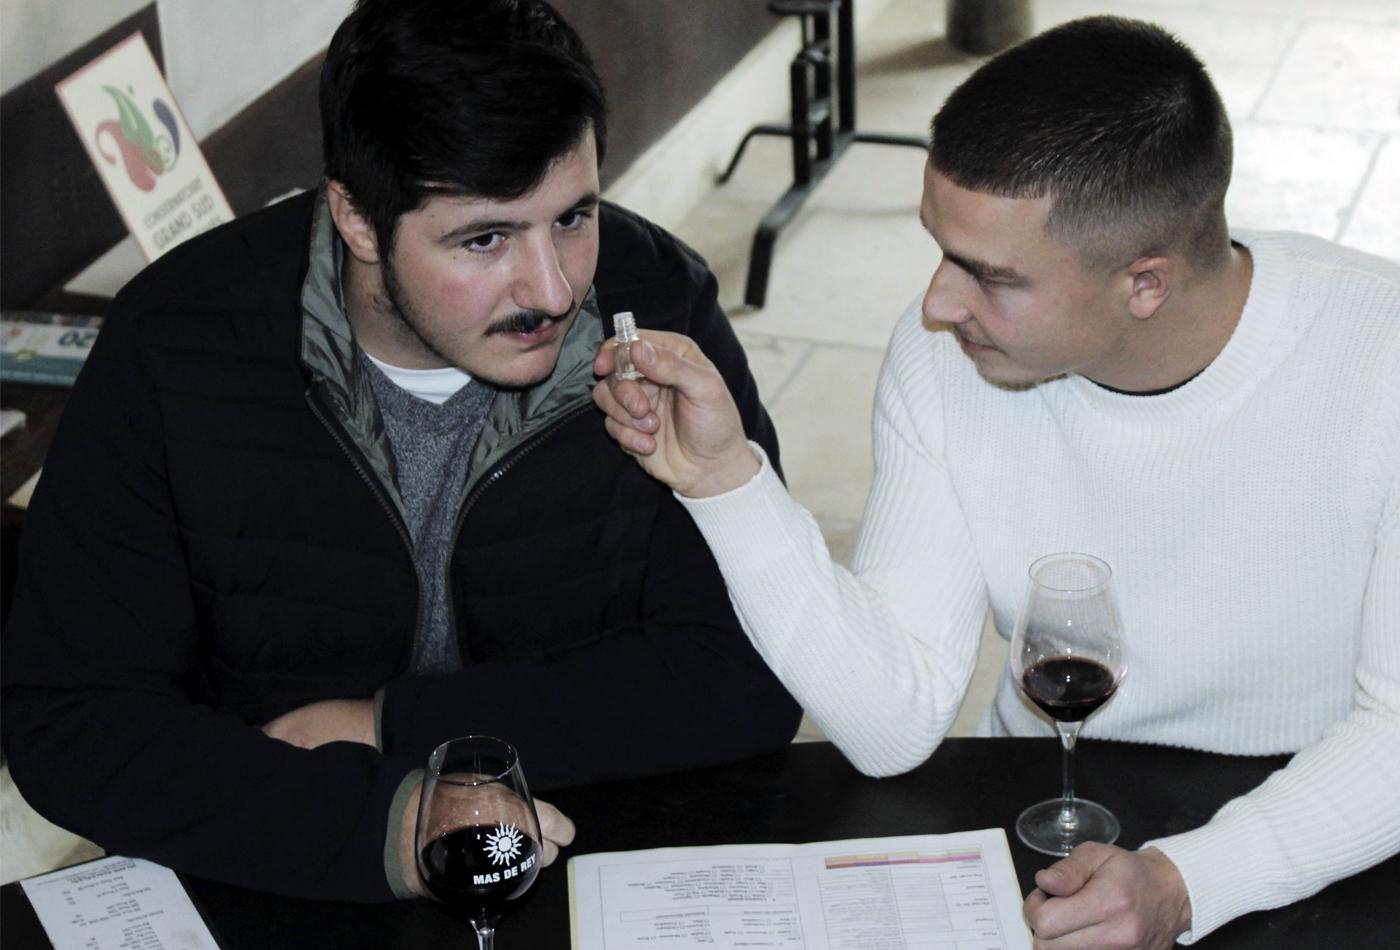 Hommes participant à un cours d'oenologie